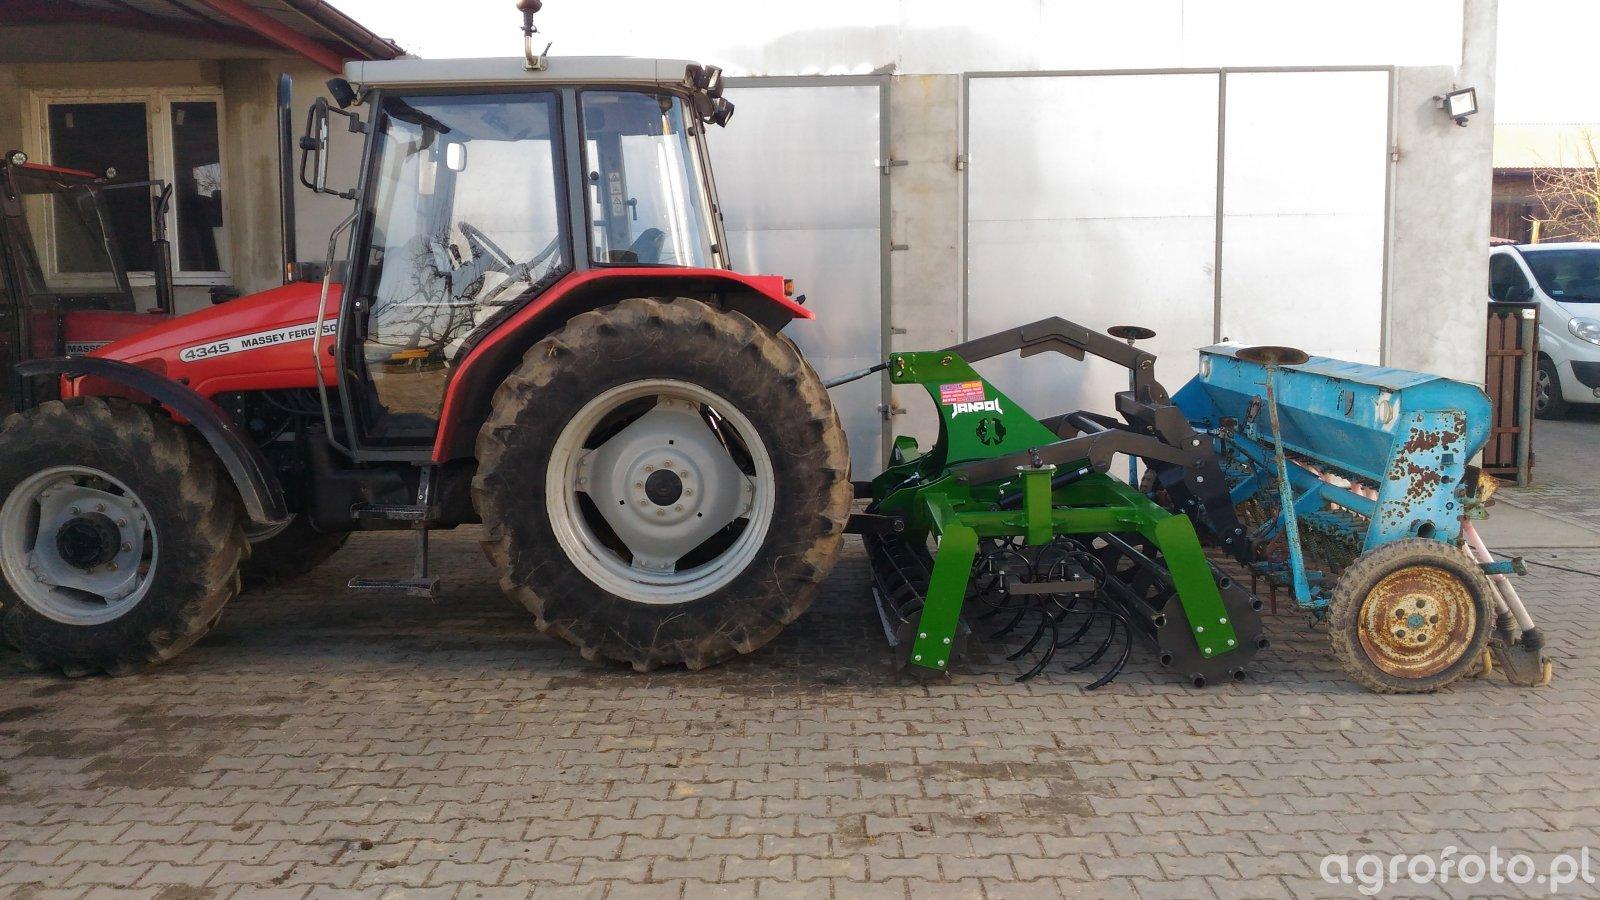 MF 4345 + Janpol 2,7m + Poznaniak 6